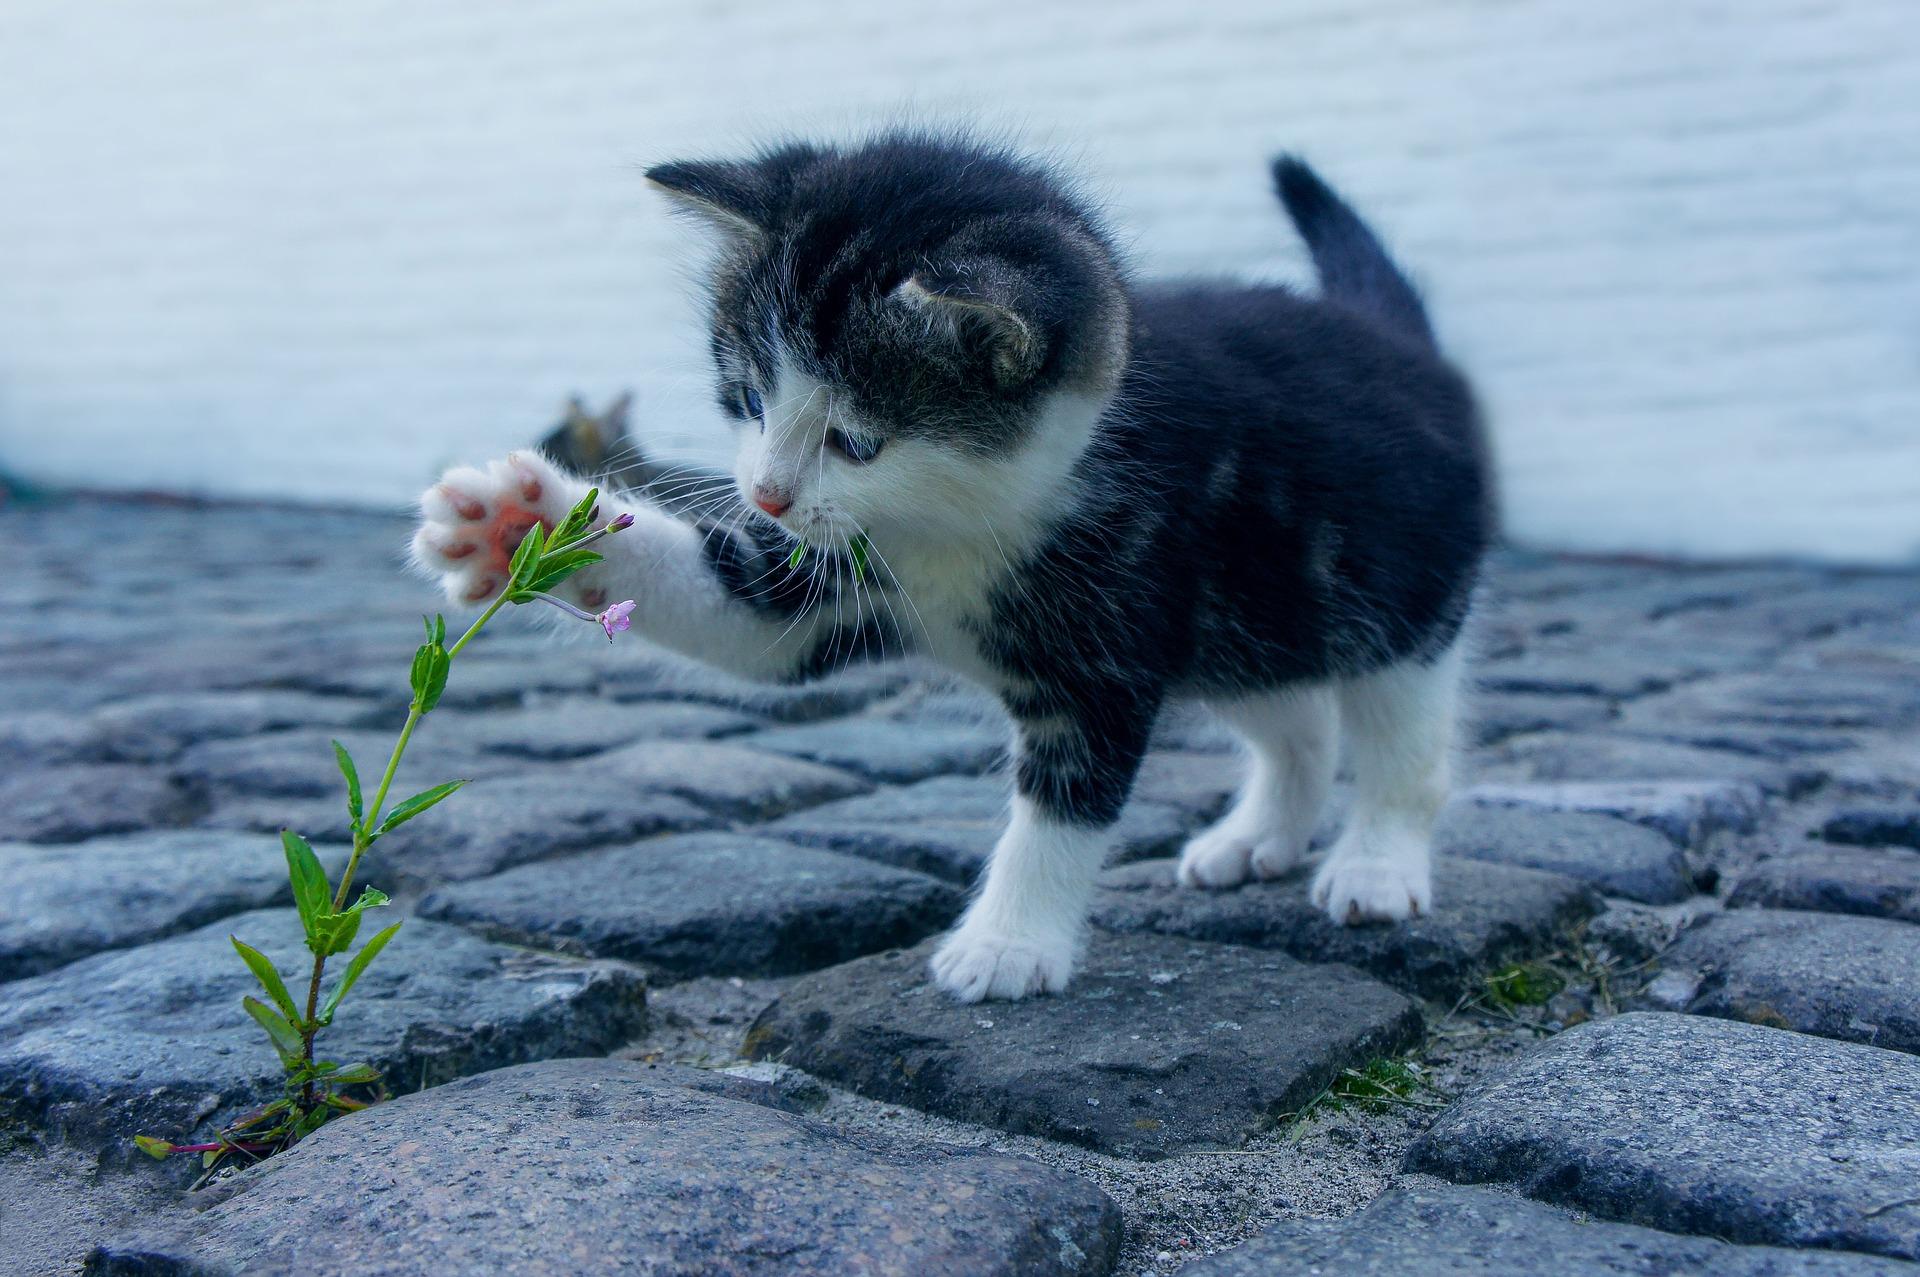 hình ảnh mèo dễ thương, ngộ nghĩnh 01